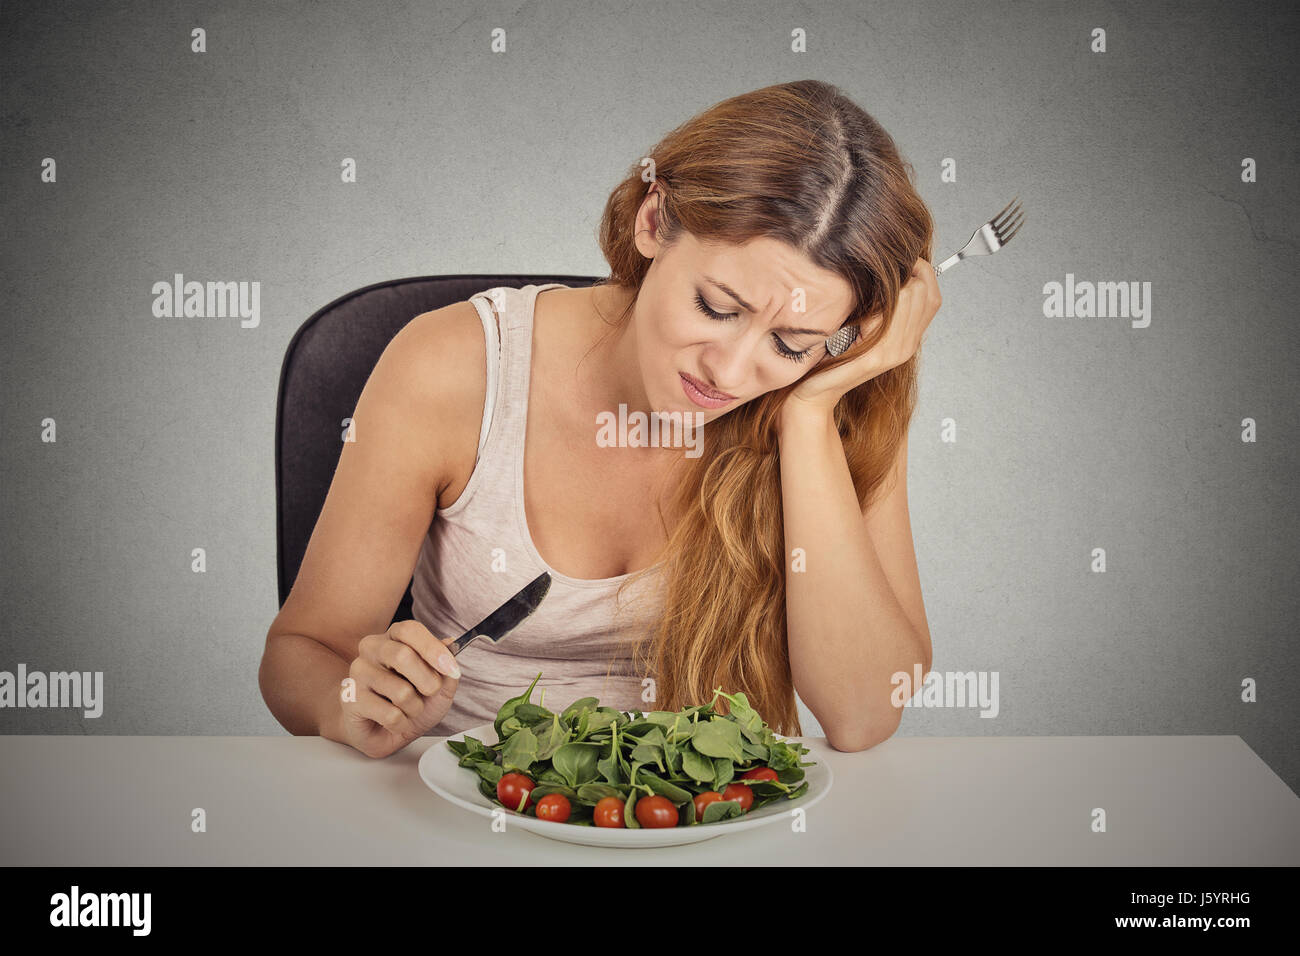 Triste orinato giovane donna mangiare insalata isolato muro grigio Sfondo. Negativo faccia umana espressione di Immagini Stock